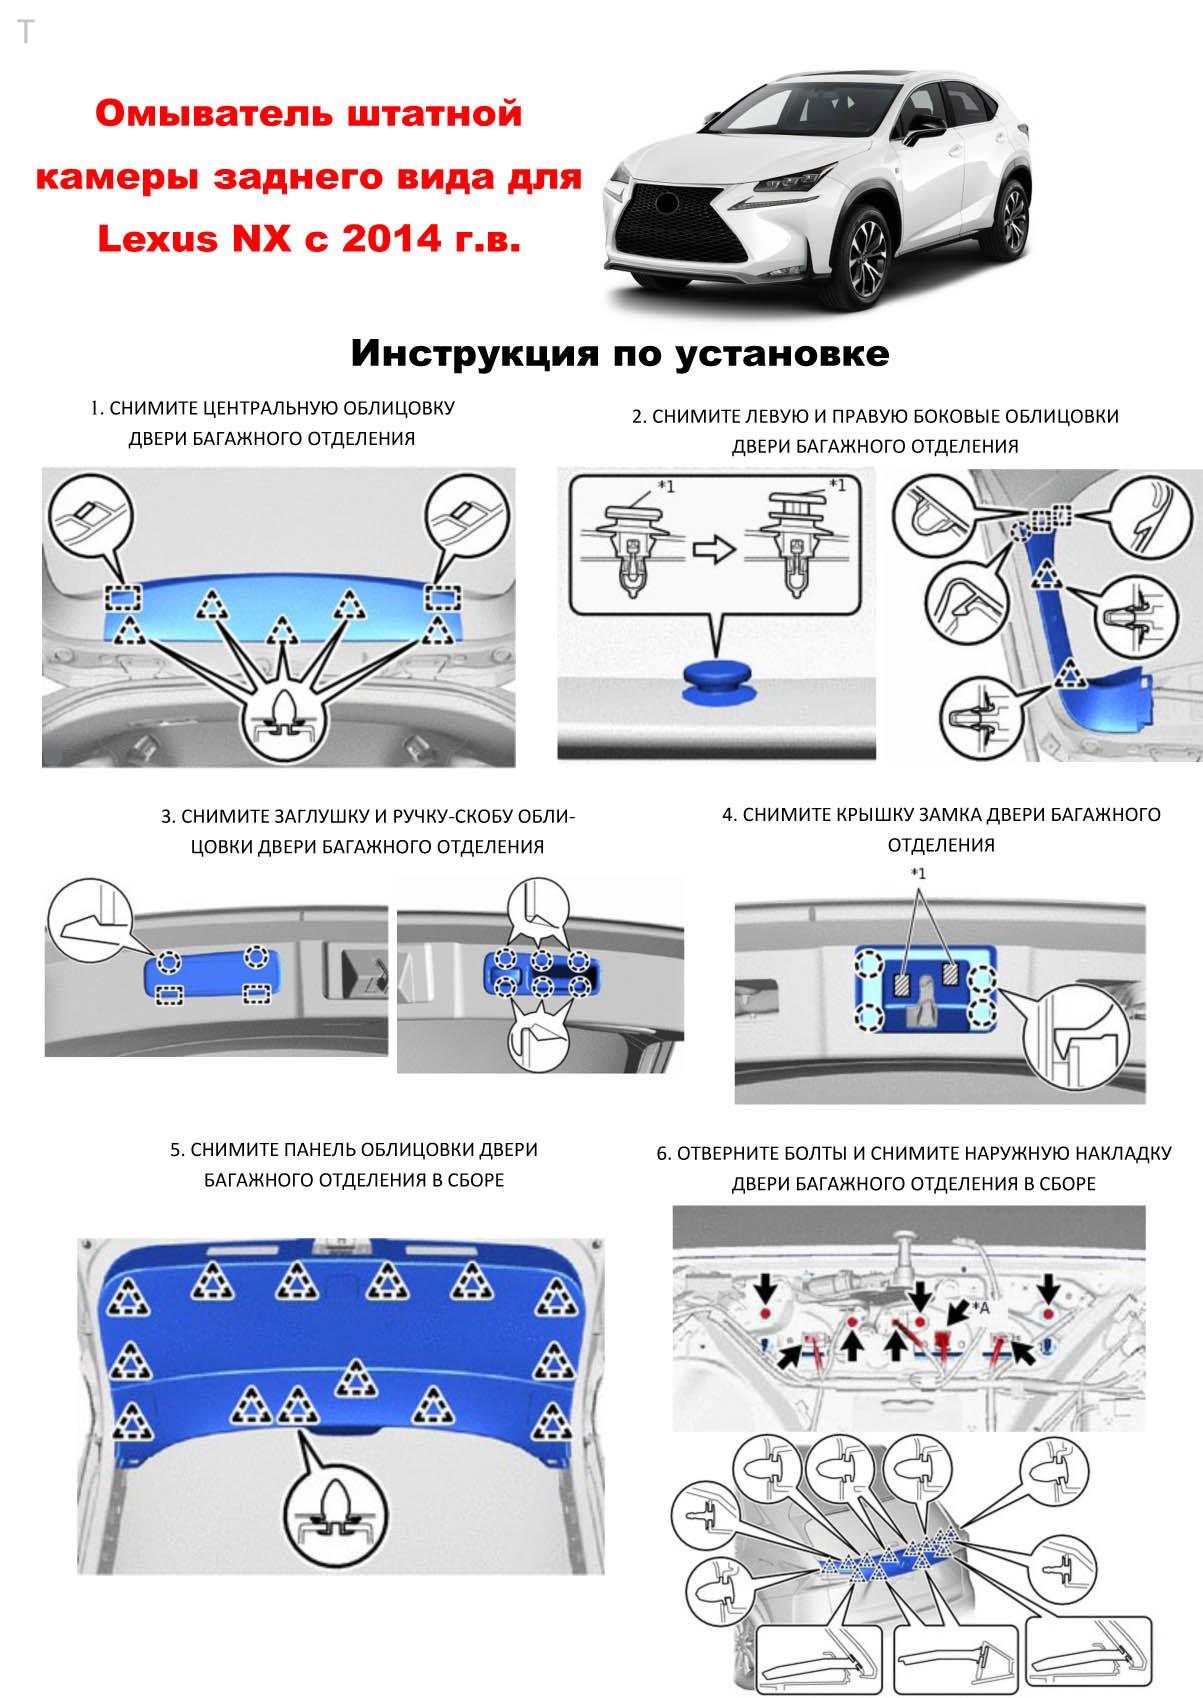 Инструкция по установке омывателя камеры заднего вида для Lexus NX